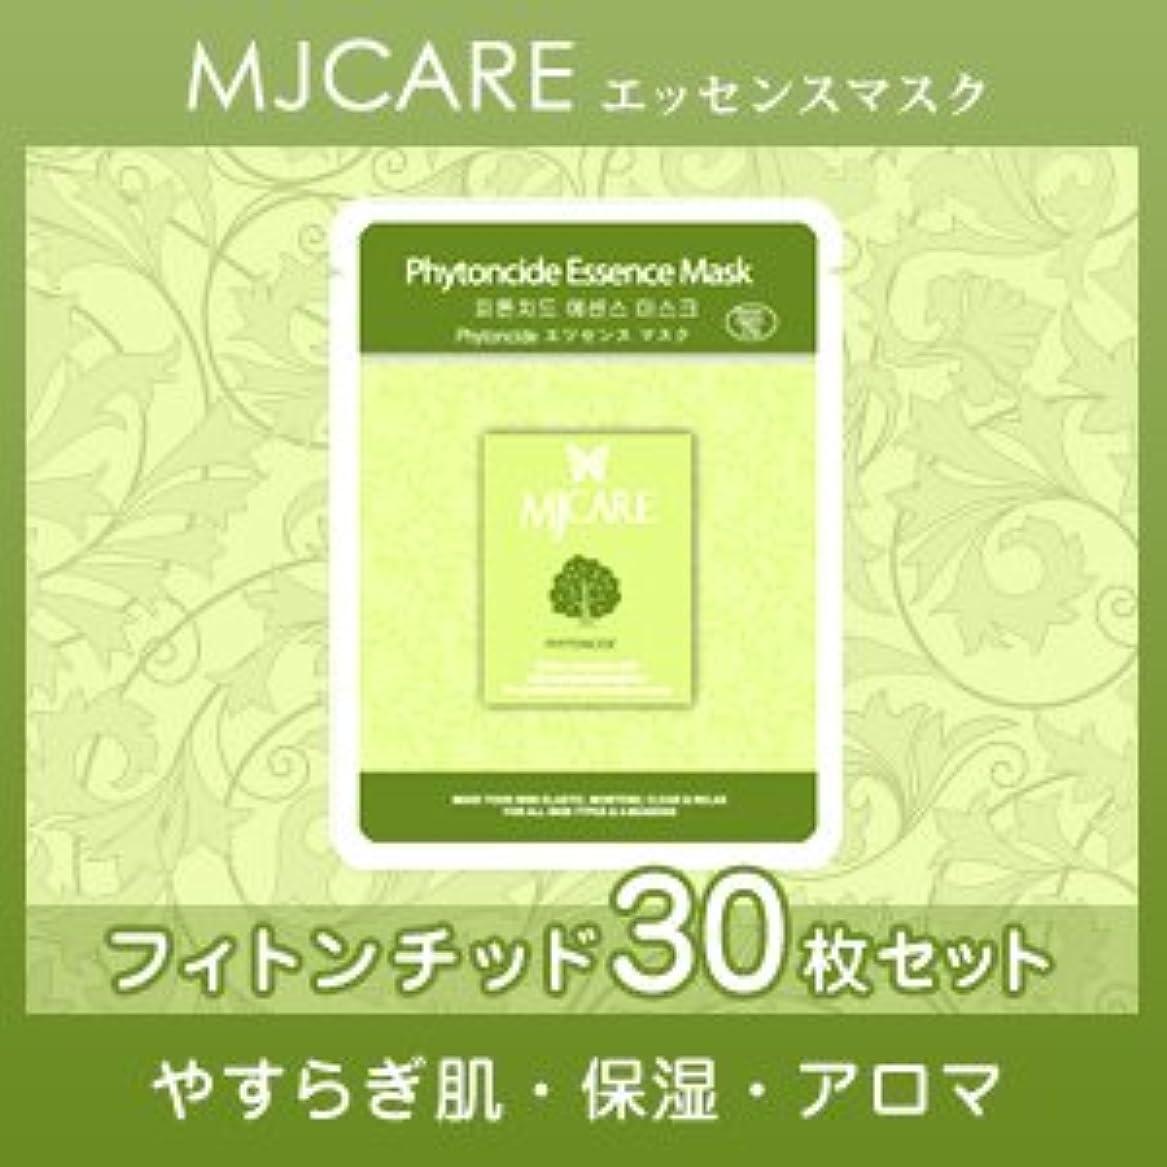 ホスト版獲物MJCARE (エムジェイケア) フィトンチッド エッセンスマスク 30セット